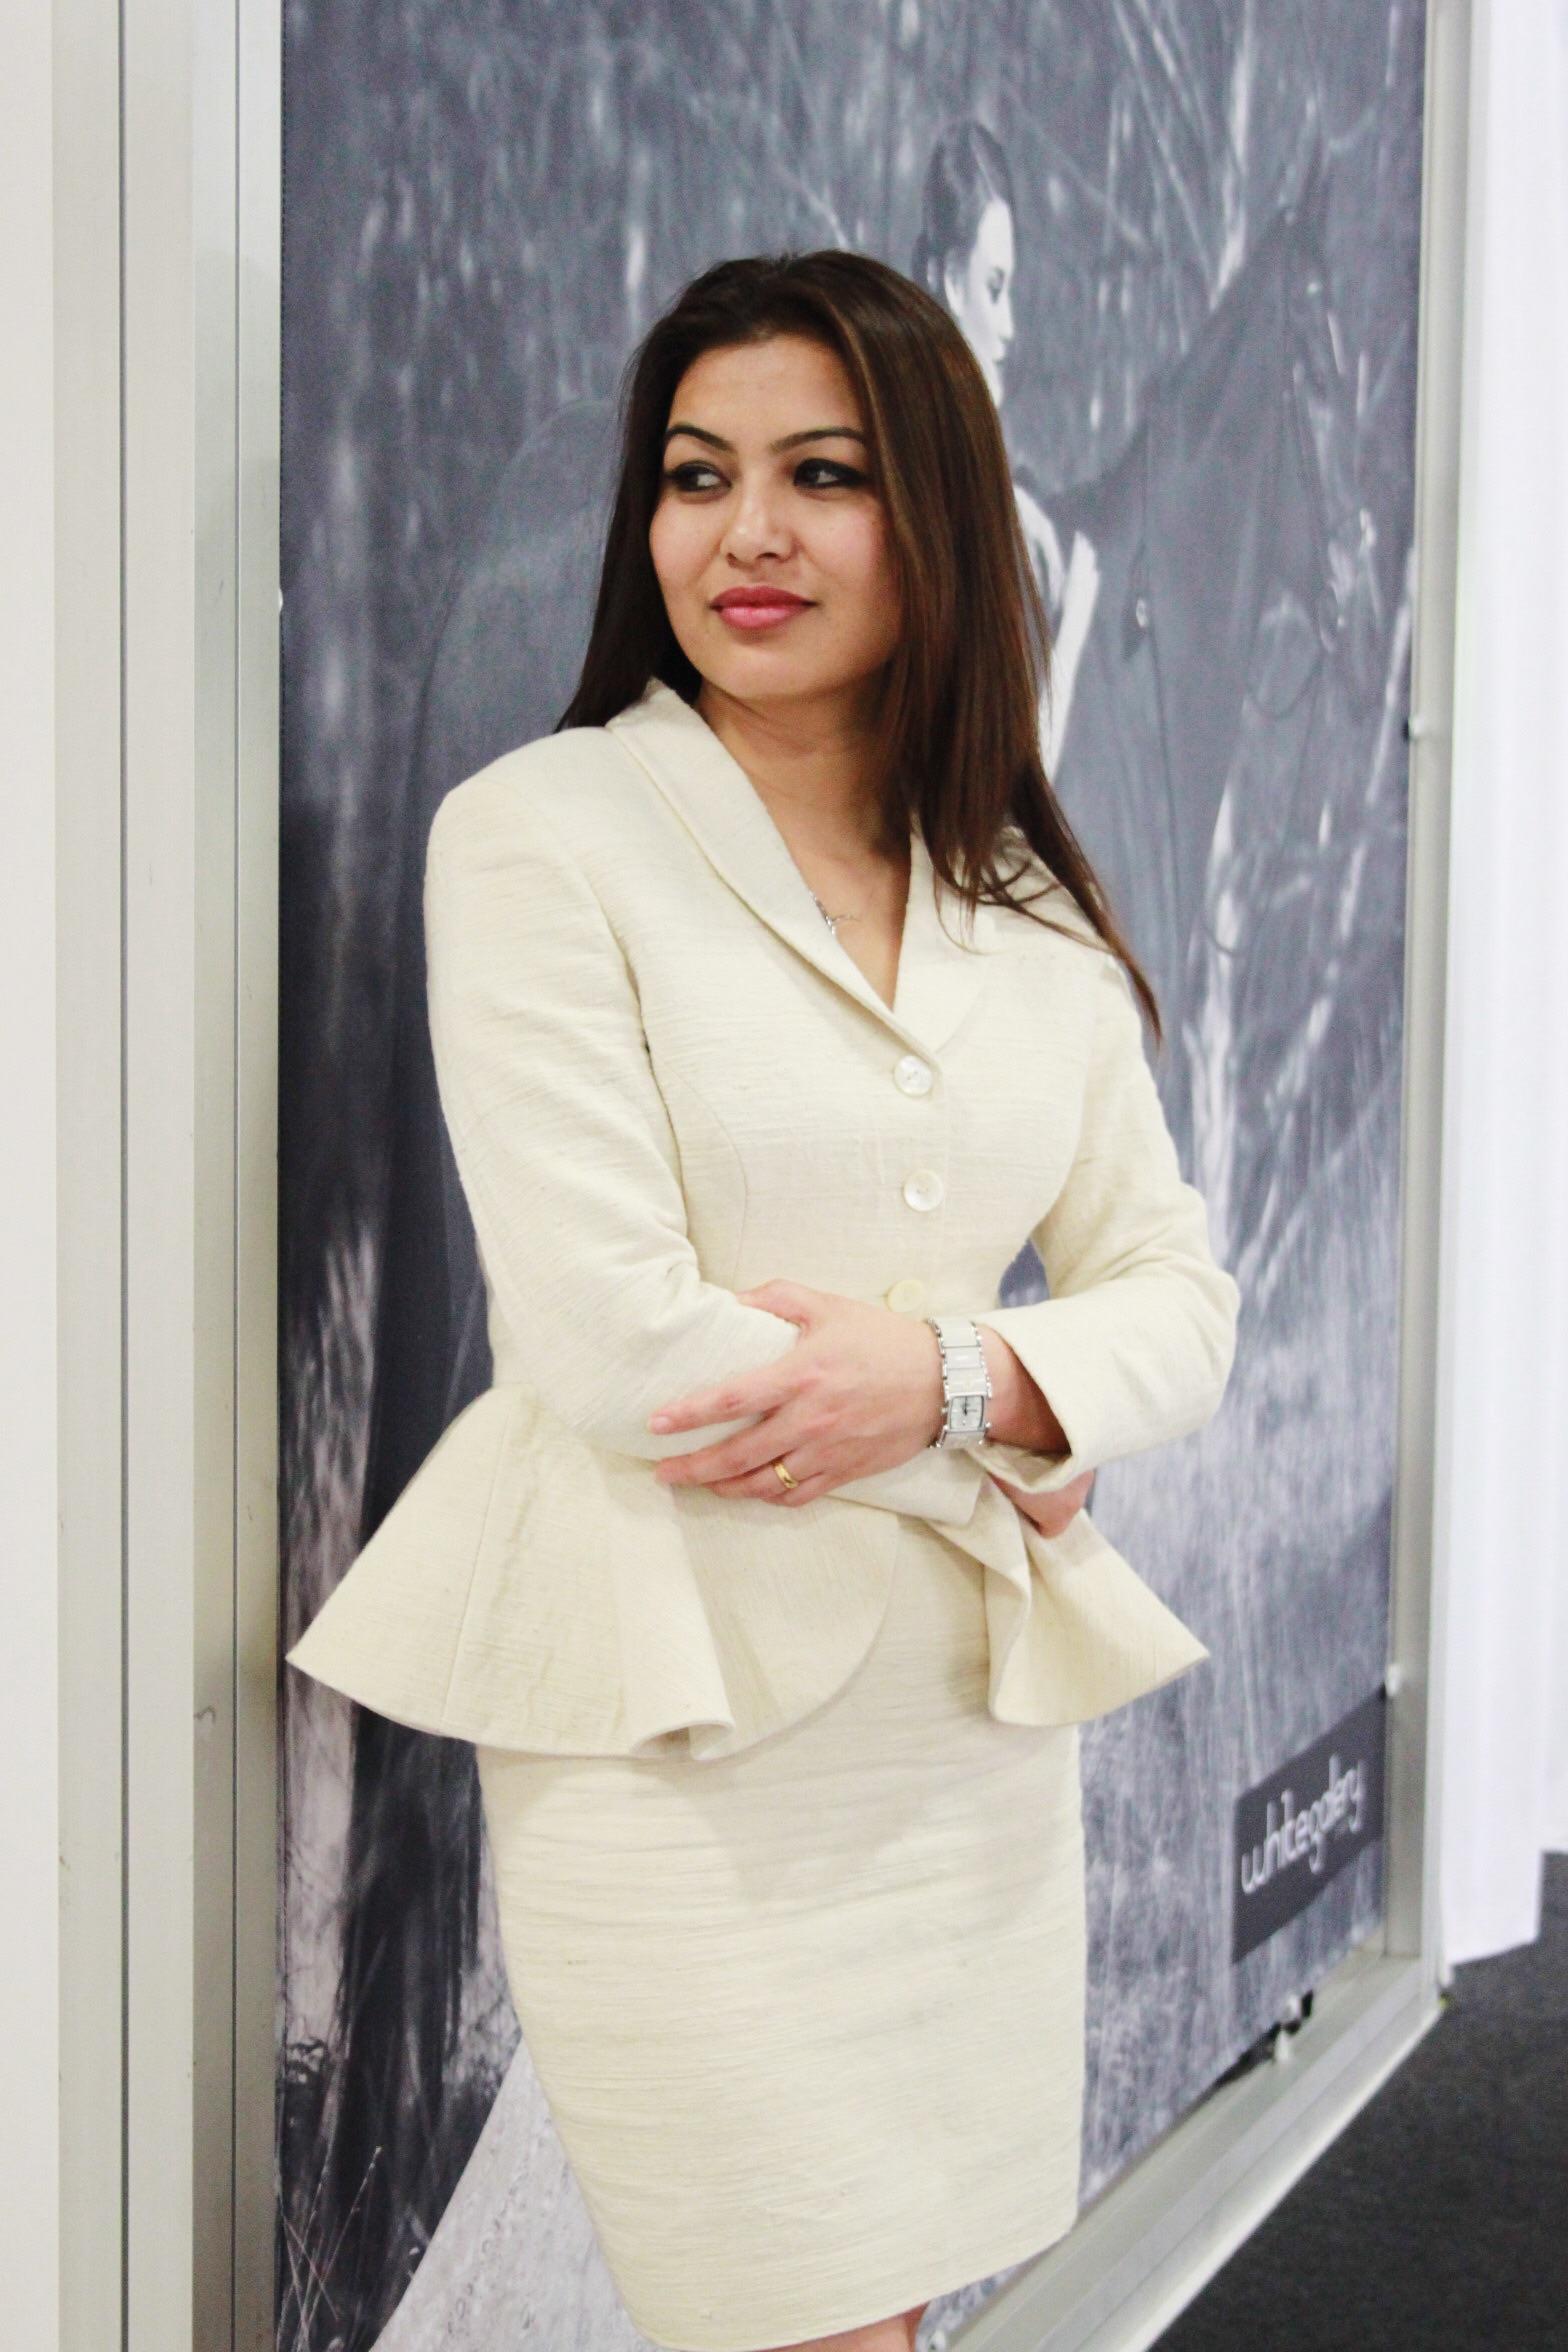 Sanyukta Shrestha